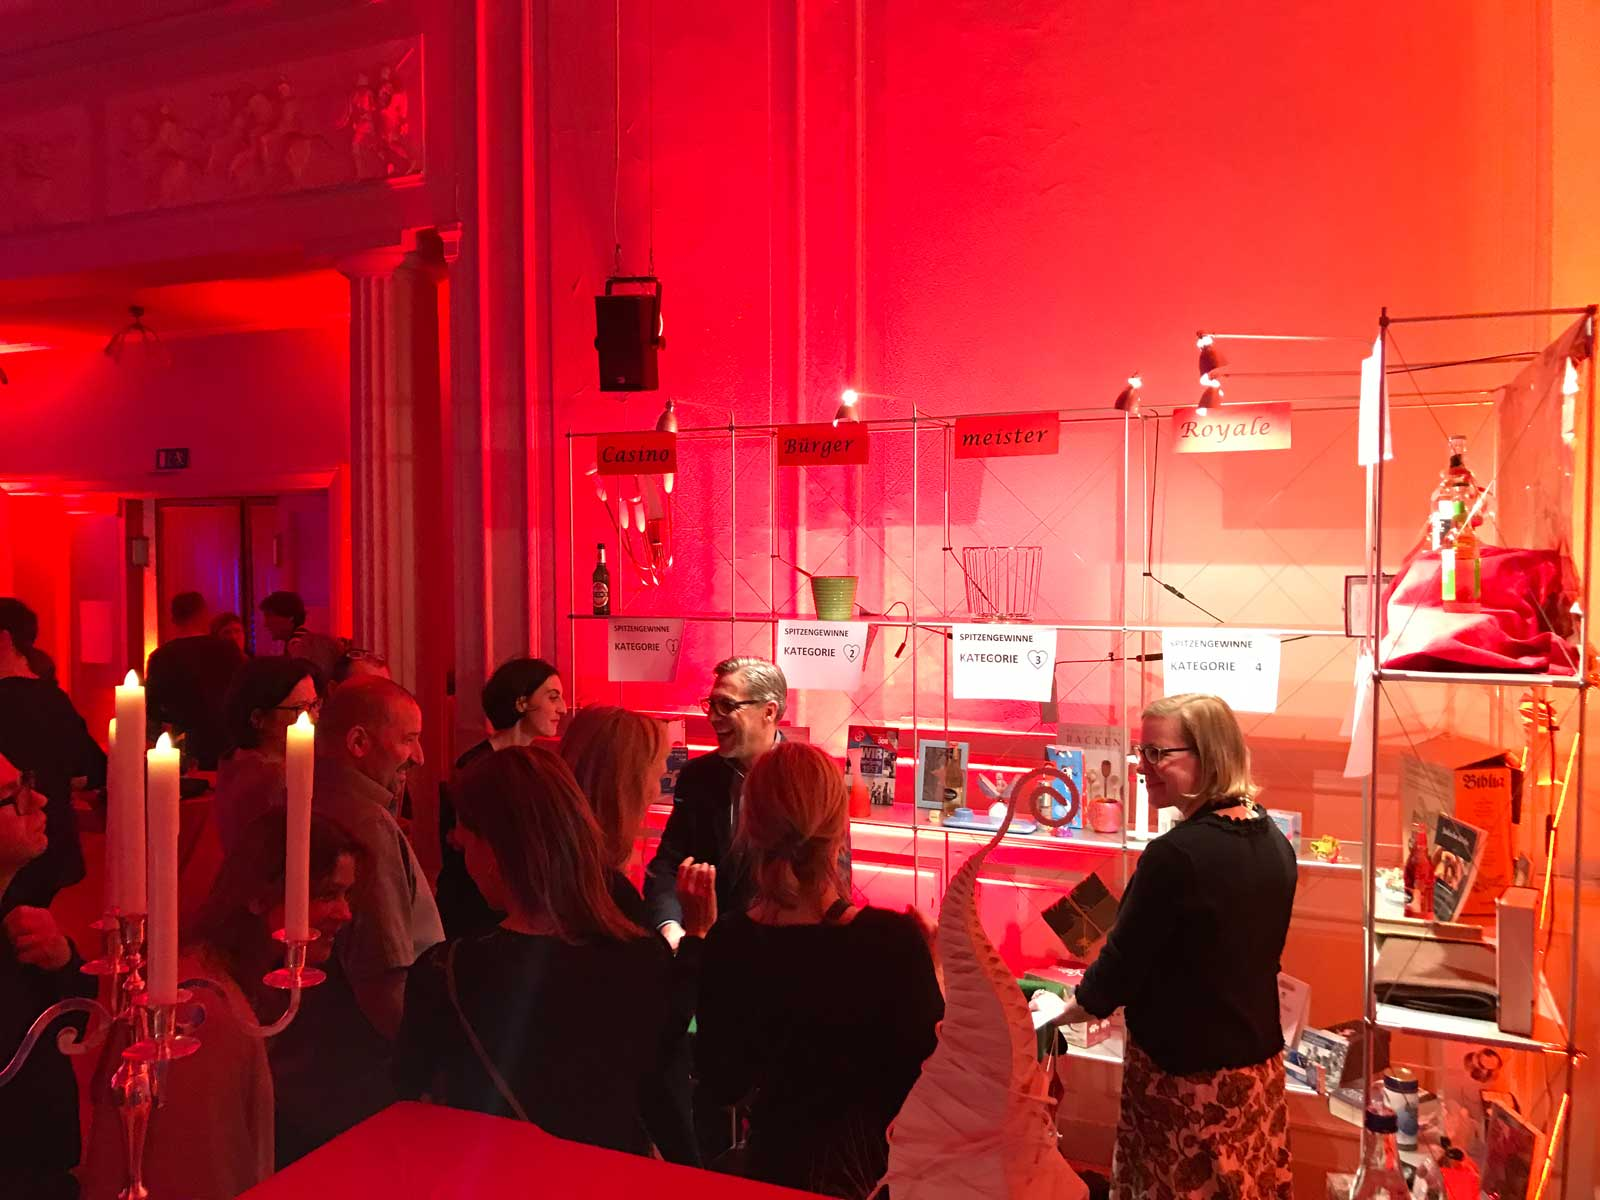 Besucher bei Gewinnregal: Event Agentur creative Service Drummer, Berlin